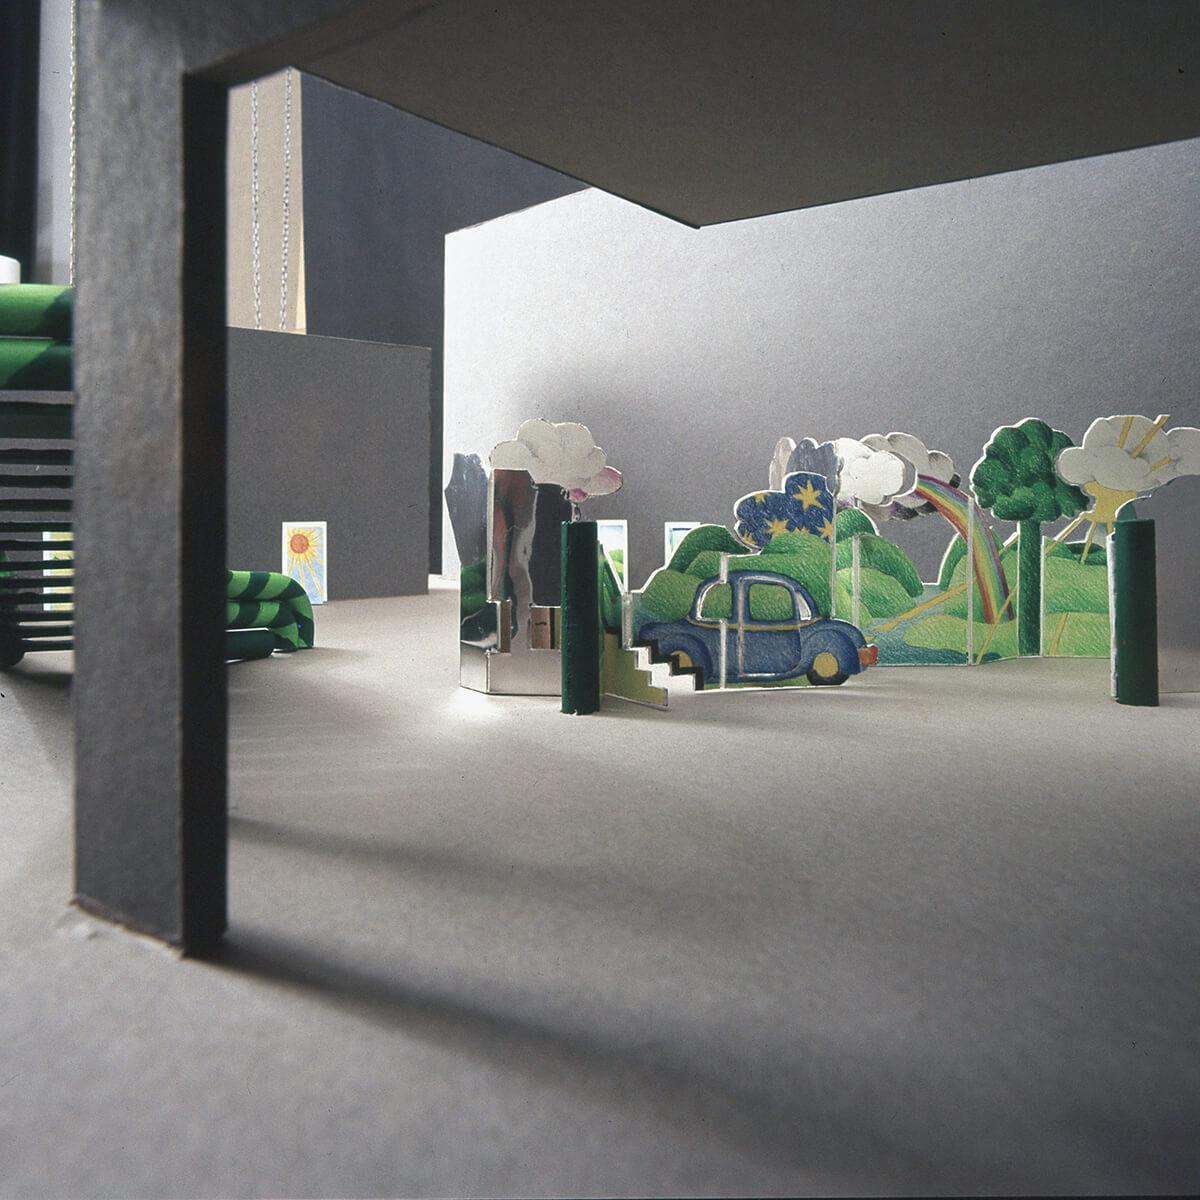 Barbara Jäger OMI Riesterer Gemeinsame öffentliche Werke Kunst am Bau Wettbewerb Universität Konstanz